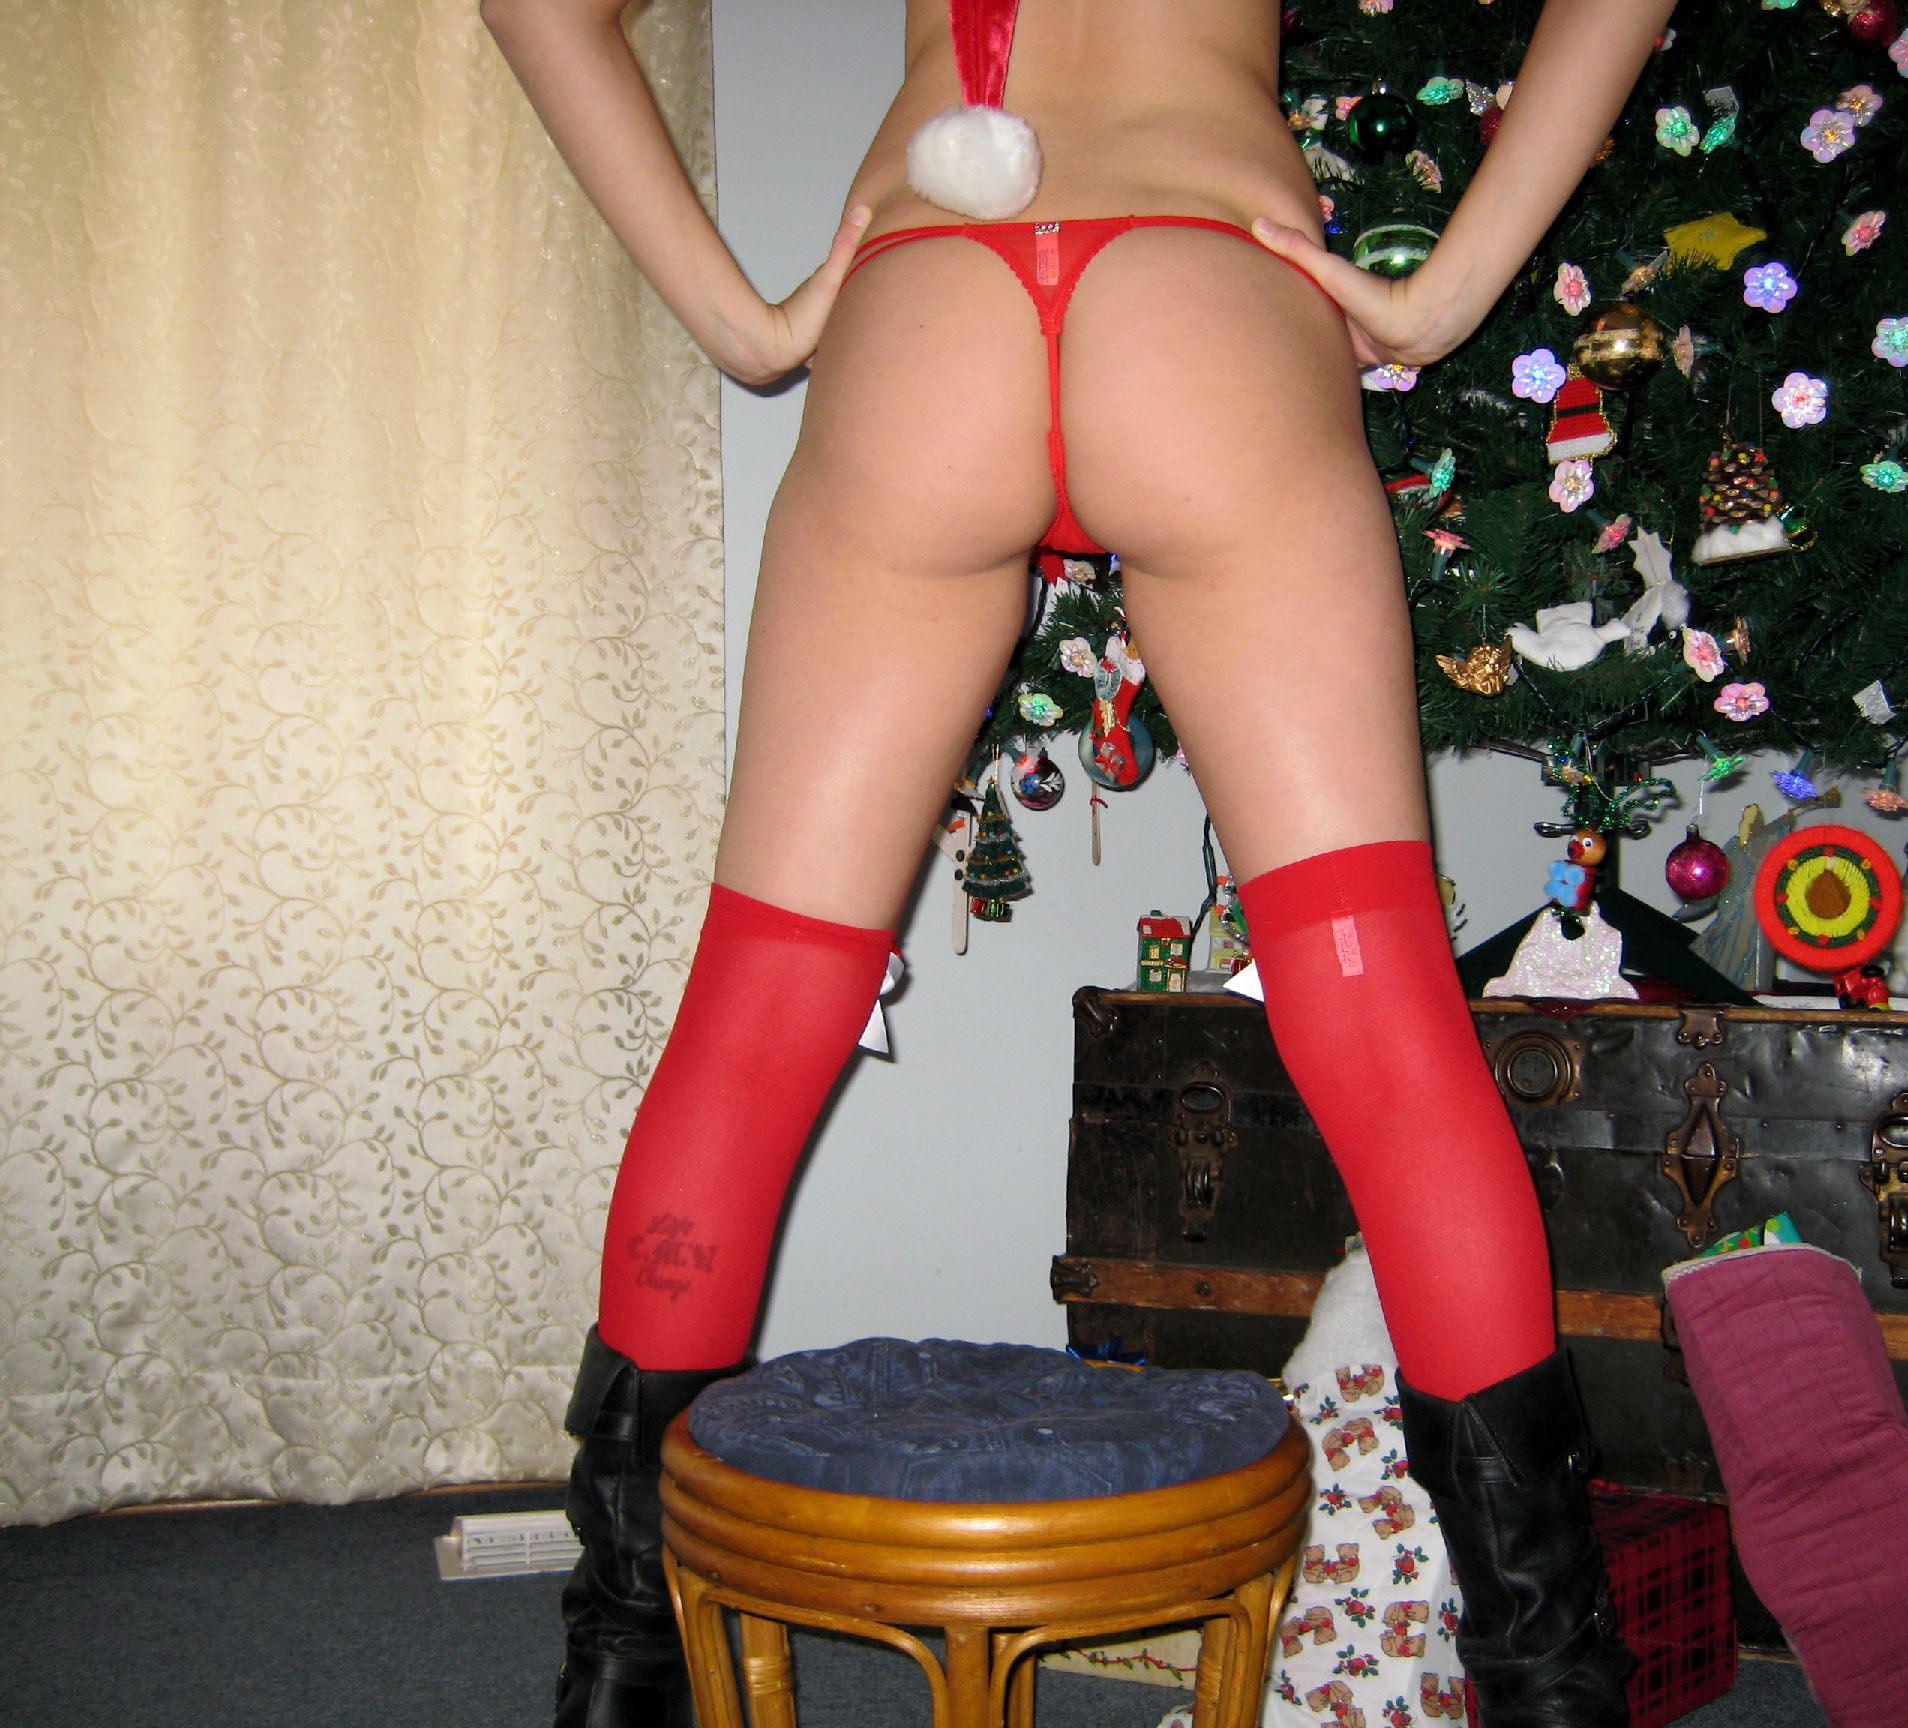 big-boobs-amateur-exgirlfriend-santa-xmas-nude-18